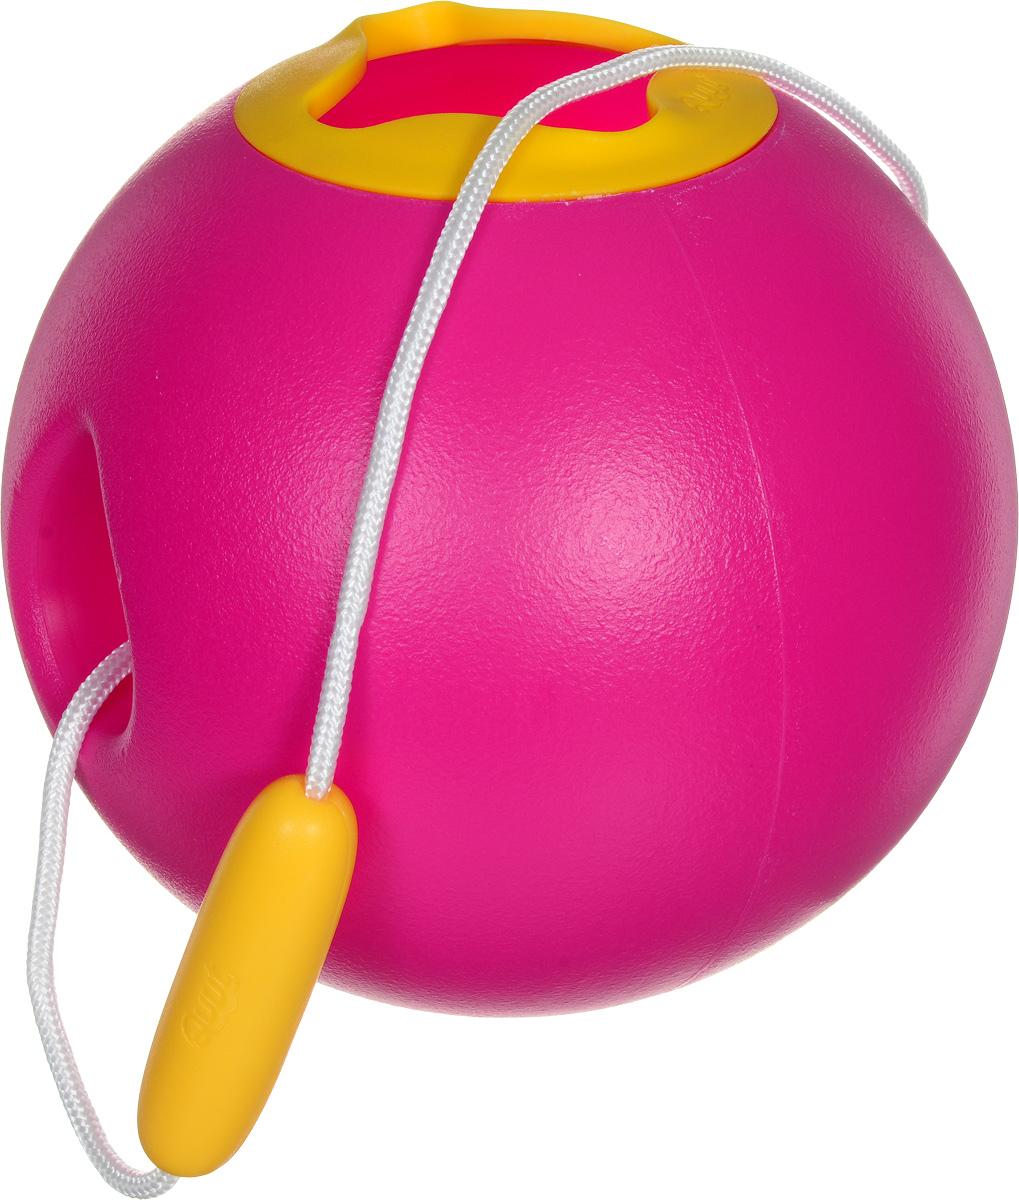 Quut Ведерко для воды Ballo цвет малиновый quut ведерко для воды